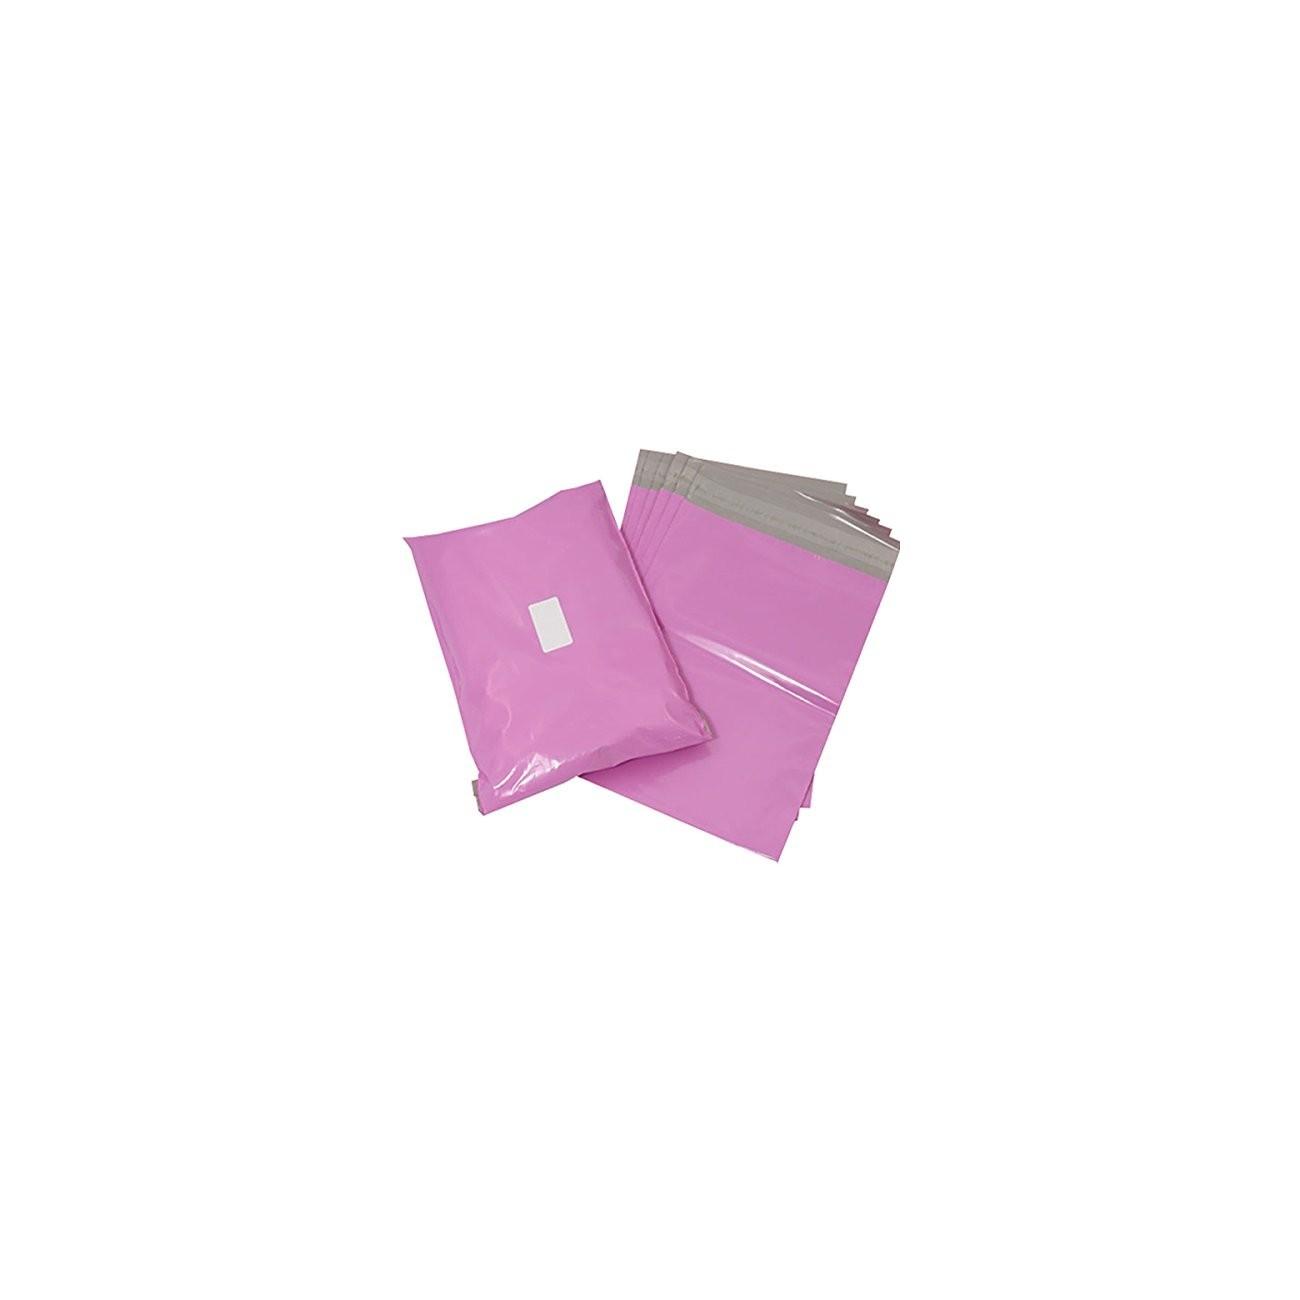 Triplast - Bolsa de plástico para envíos postales, color rosa